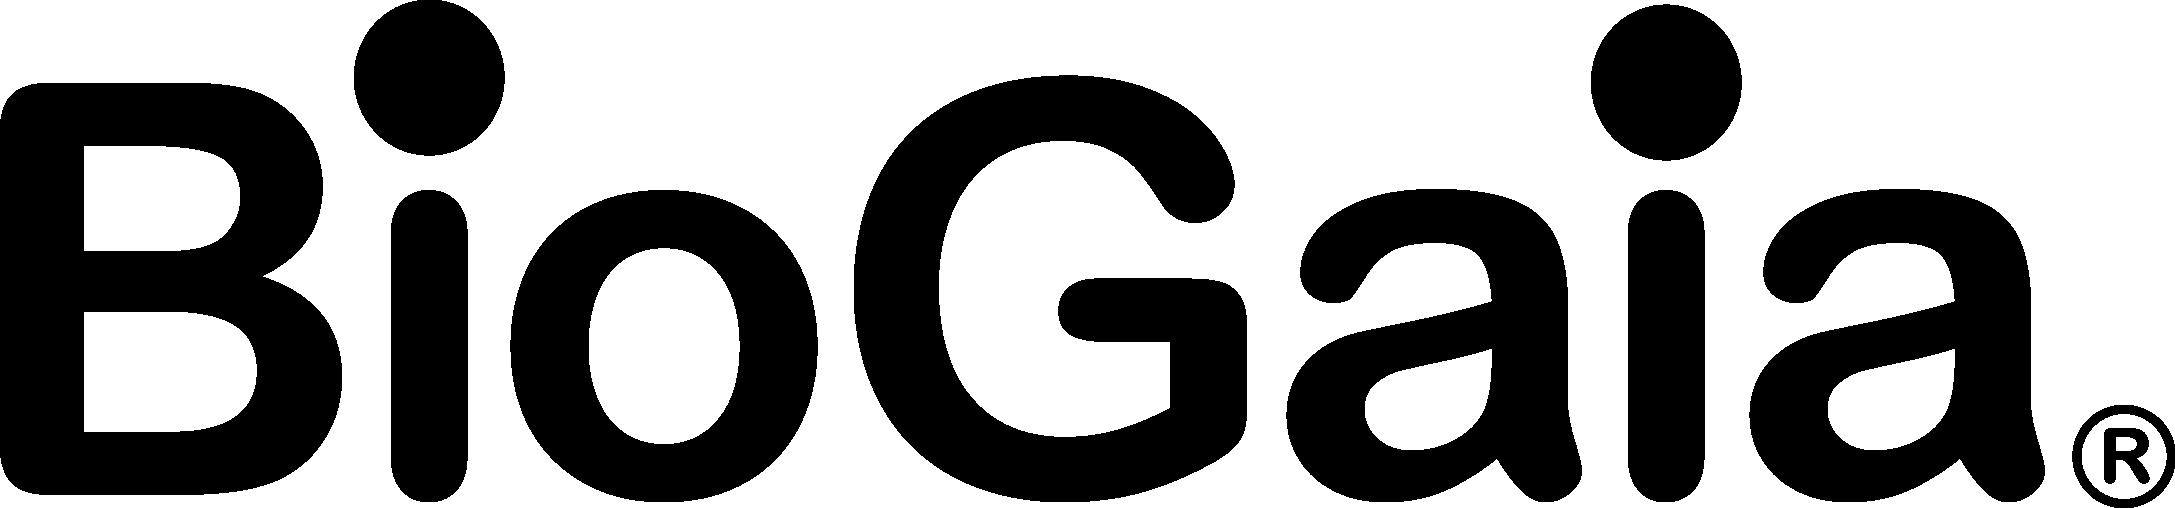 BioGaia logo - GU Ventures